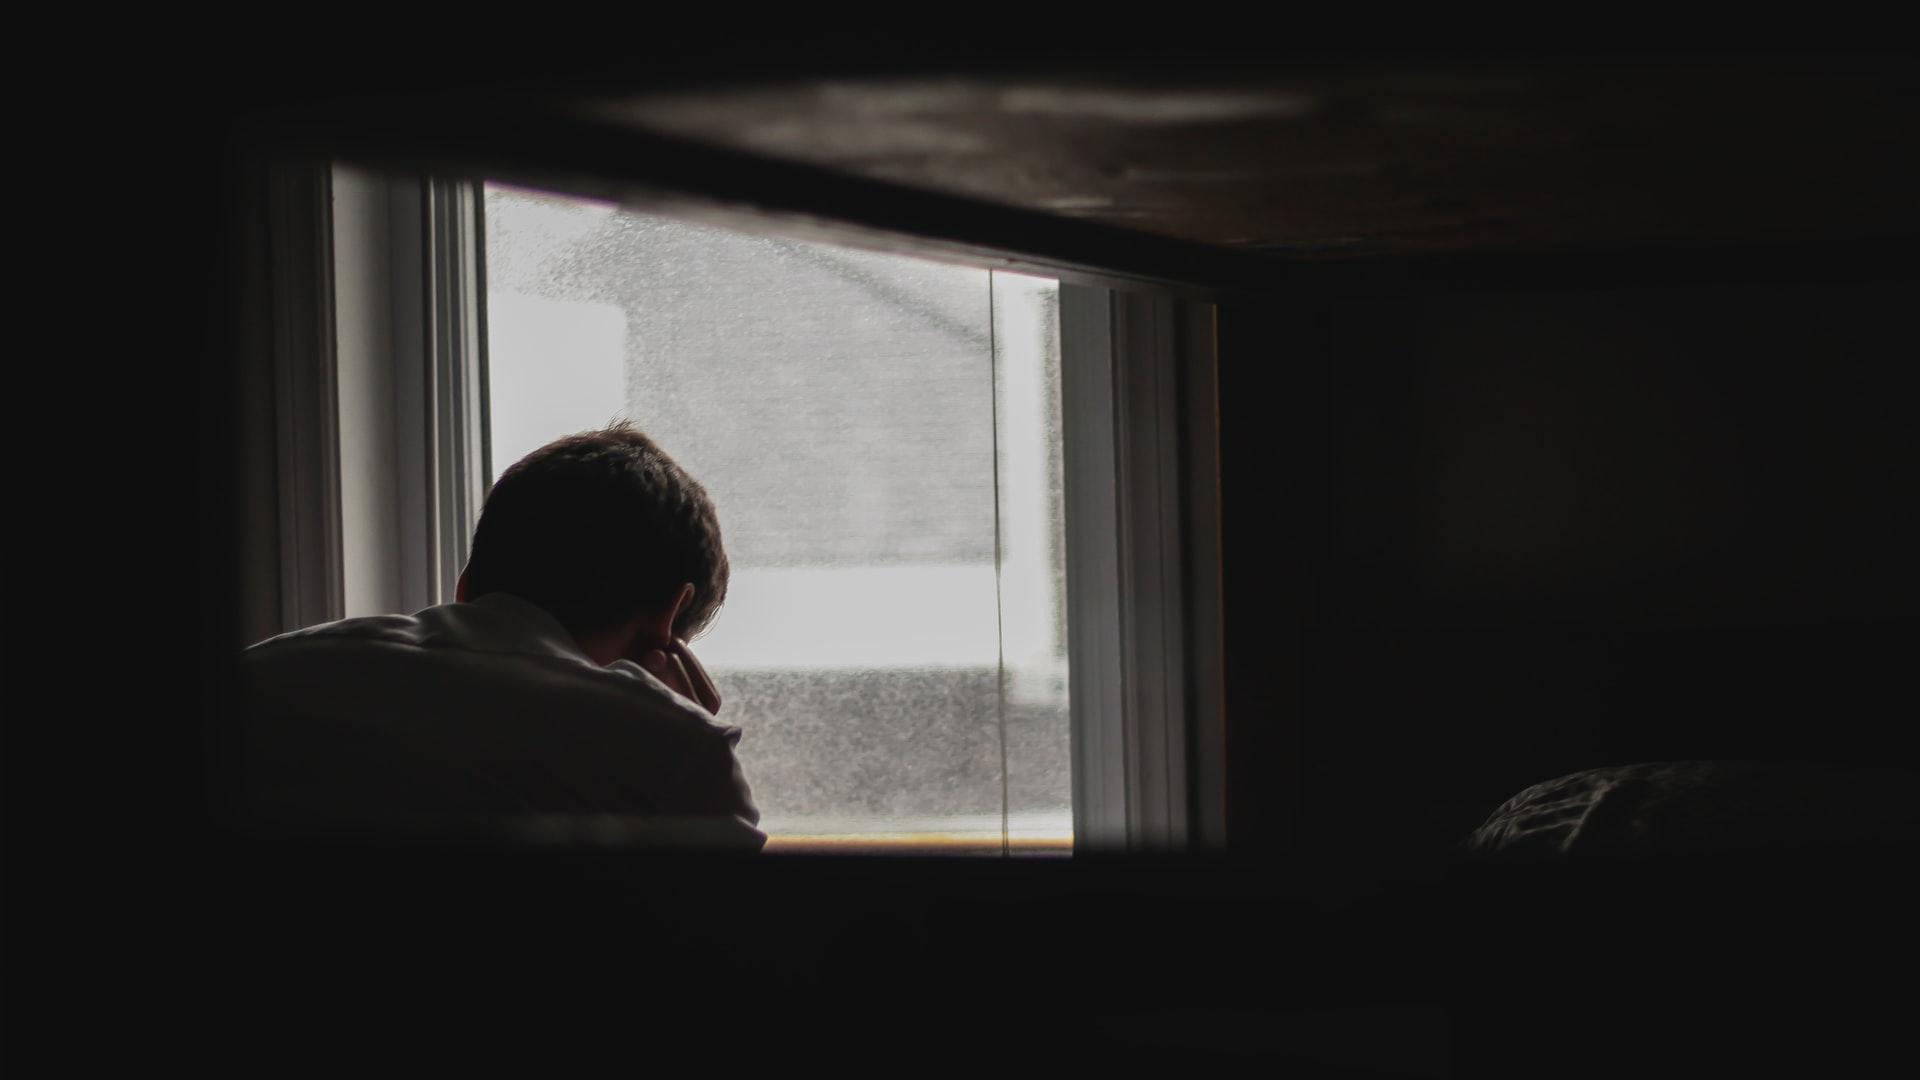 Man waiting by window, sigh